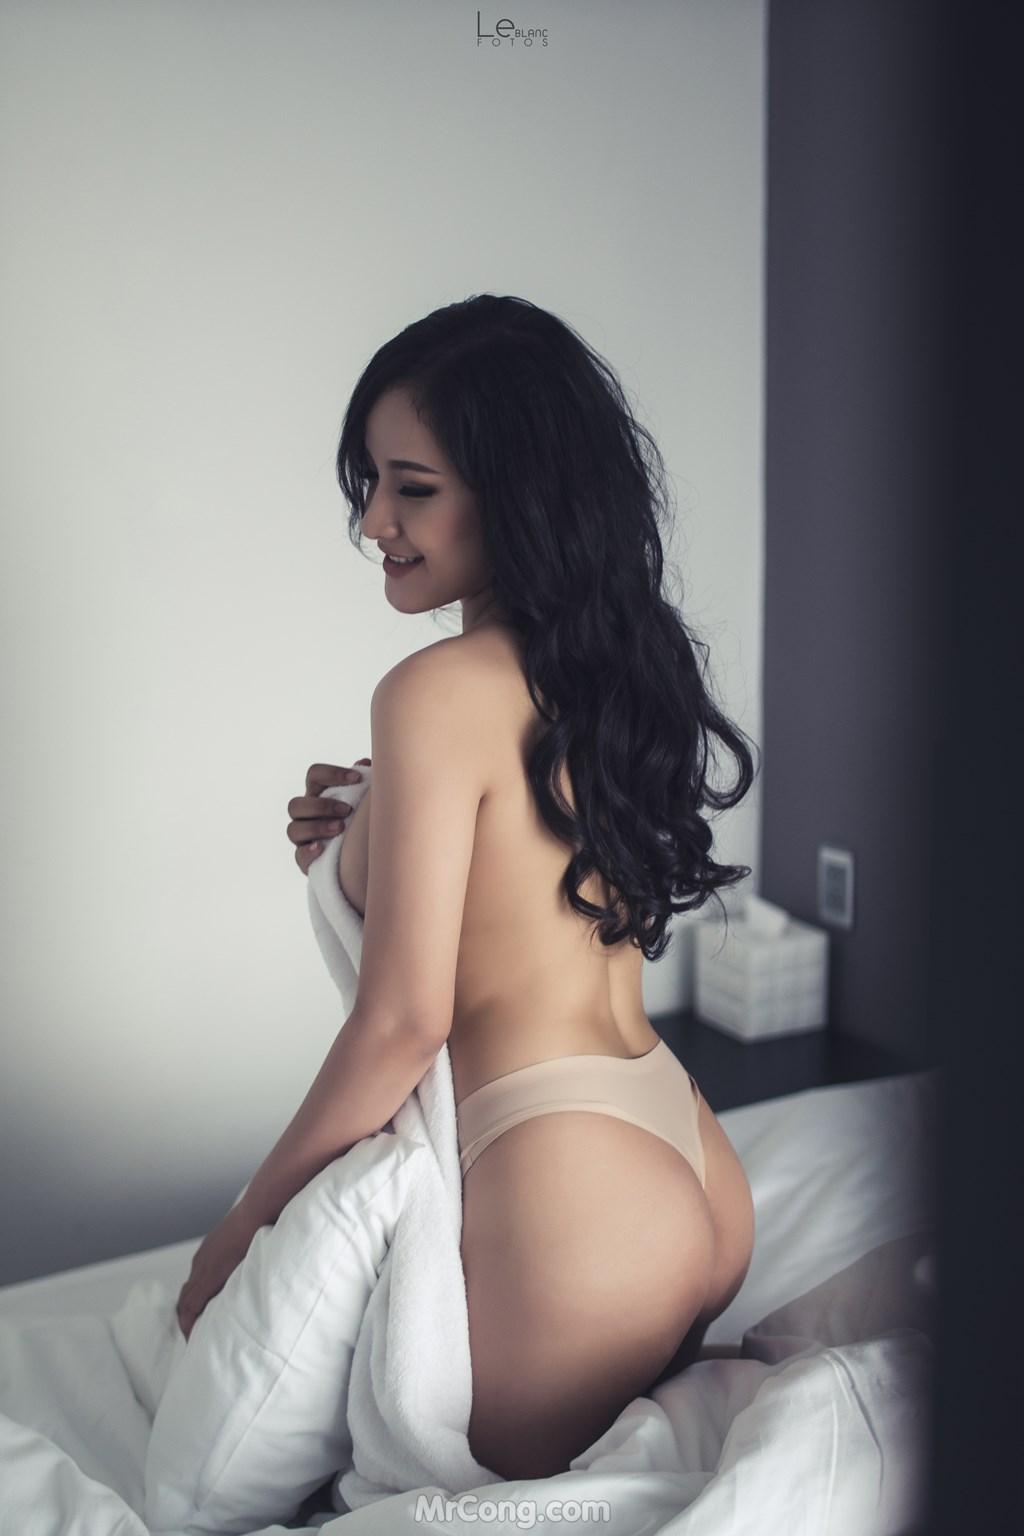 Image Sexy-Vietnamese-Models-by-Le-Blanc-Studio-Phan-3-MrCong.com-008 in post Những bức ảnh nội y, bikini siêu nóng bỏng của Le Blanc Studio – Phần 3 (446 ảnh)